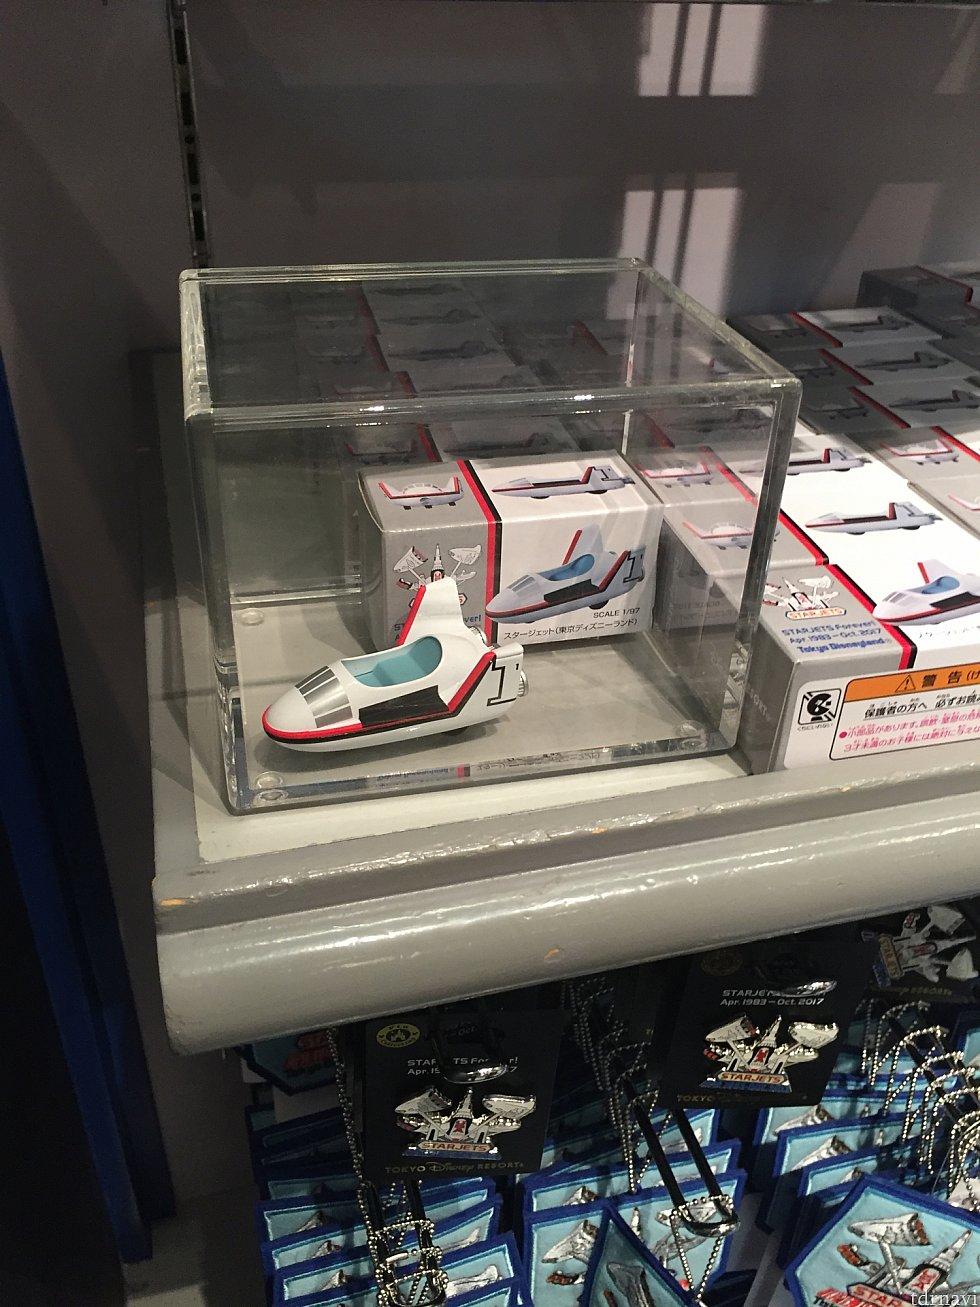 トミカ(1000円)。普段トミカはあまり買わないのですが、これは迷わず買ってしまいました😅